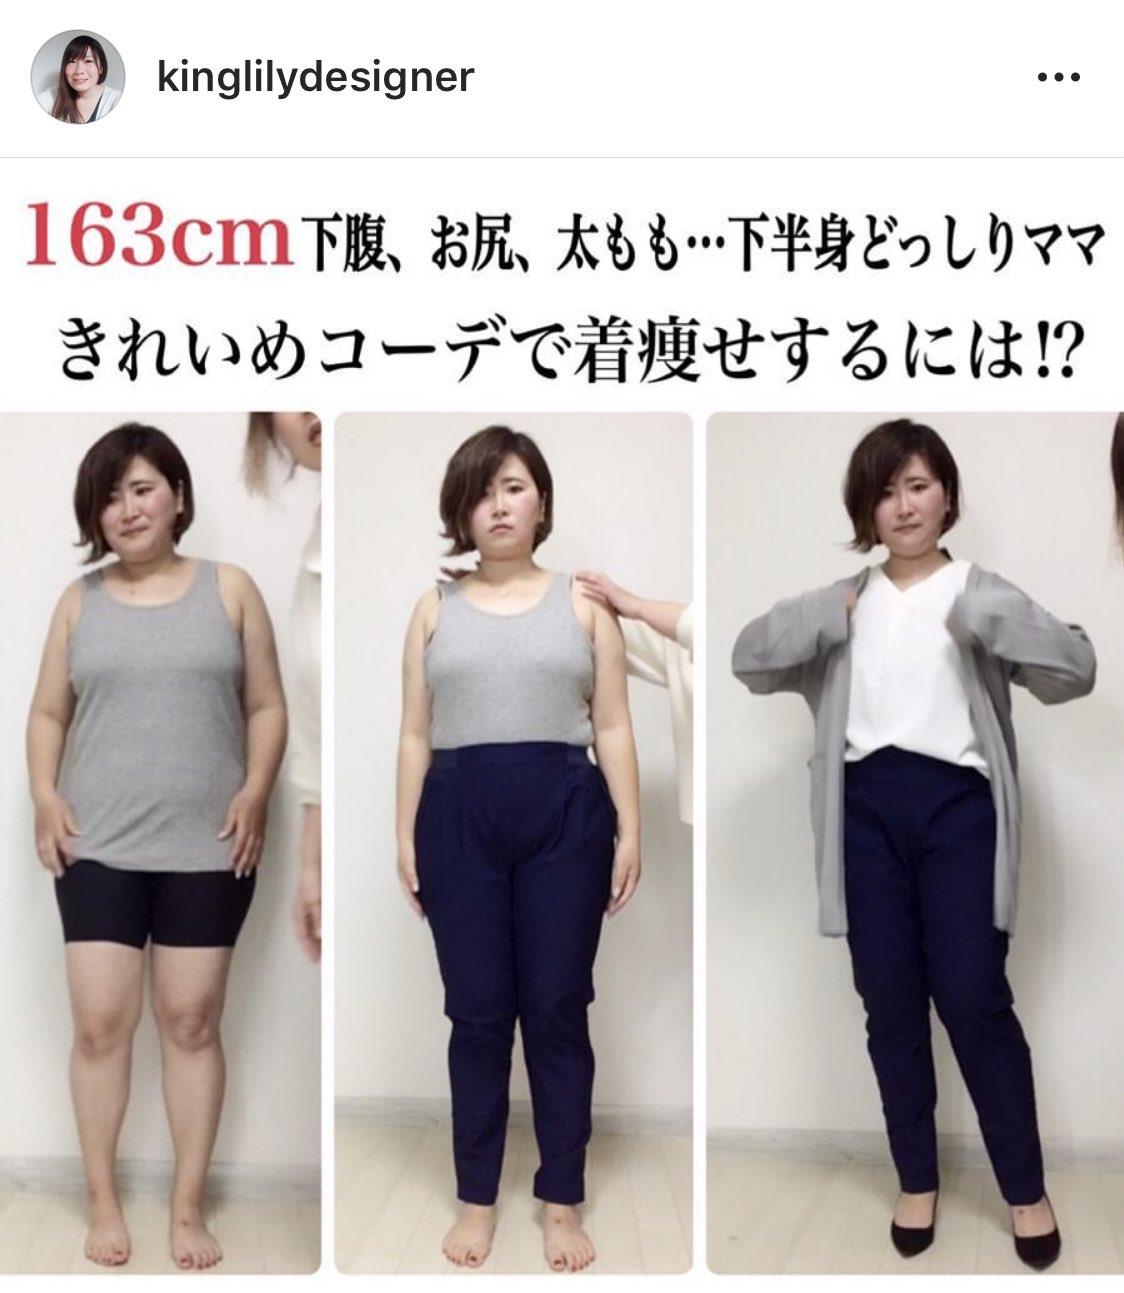 着痩せテクがすごい!!1gも痩せてないのに細く見える!!